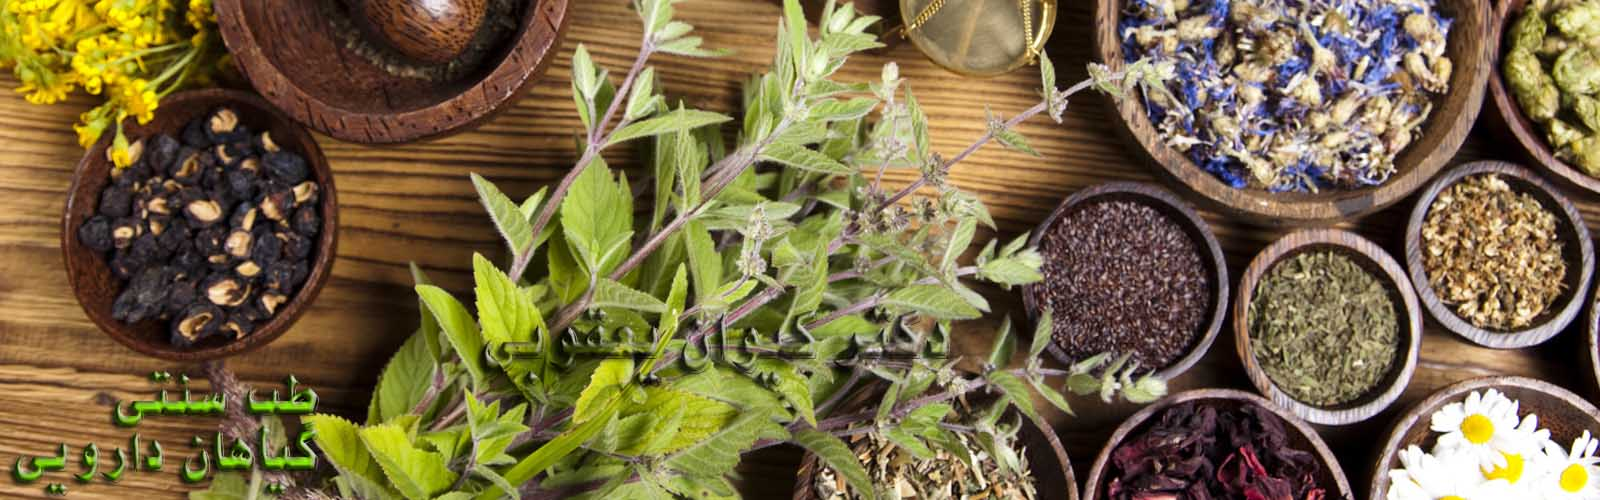 گیاهان دارویی زالو درمانی طب سنتی حجامت طب سوزنی دکتر یعقوبی